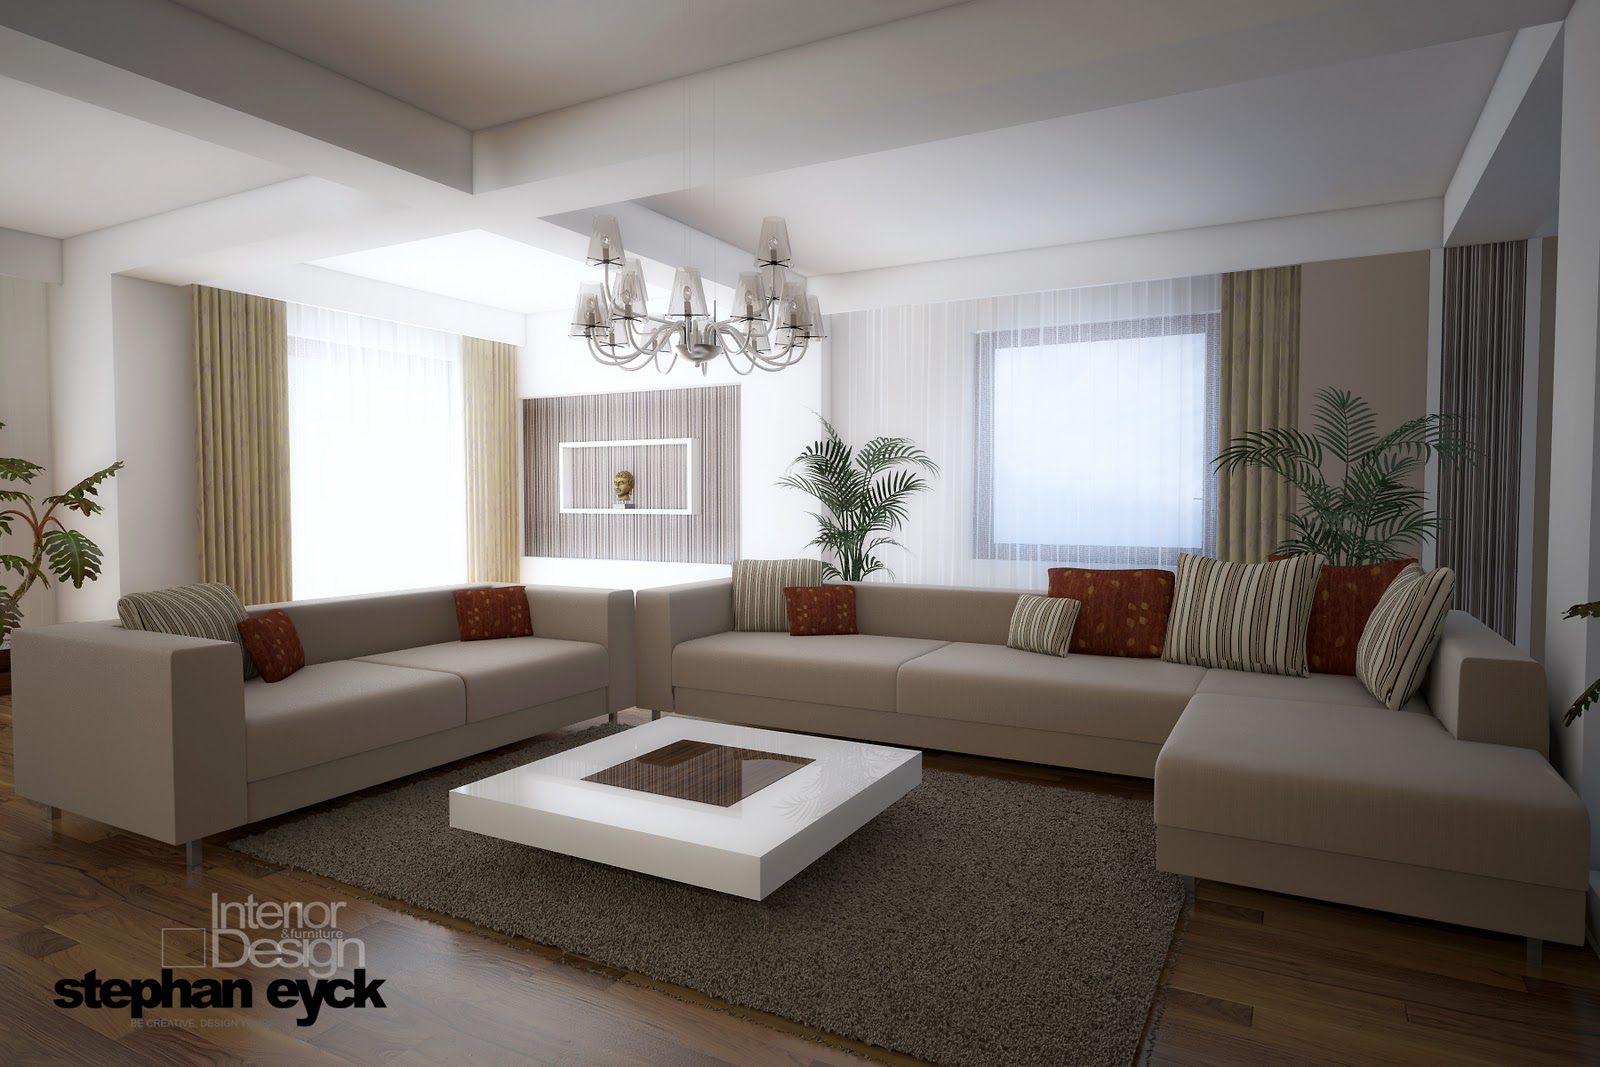 Dizain Interior Living Ask Home Design